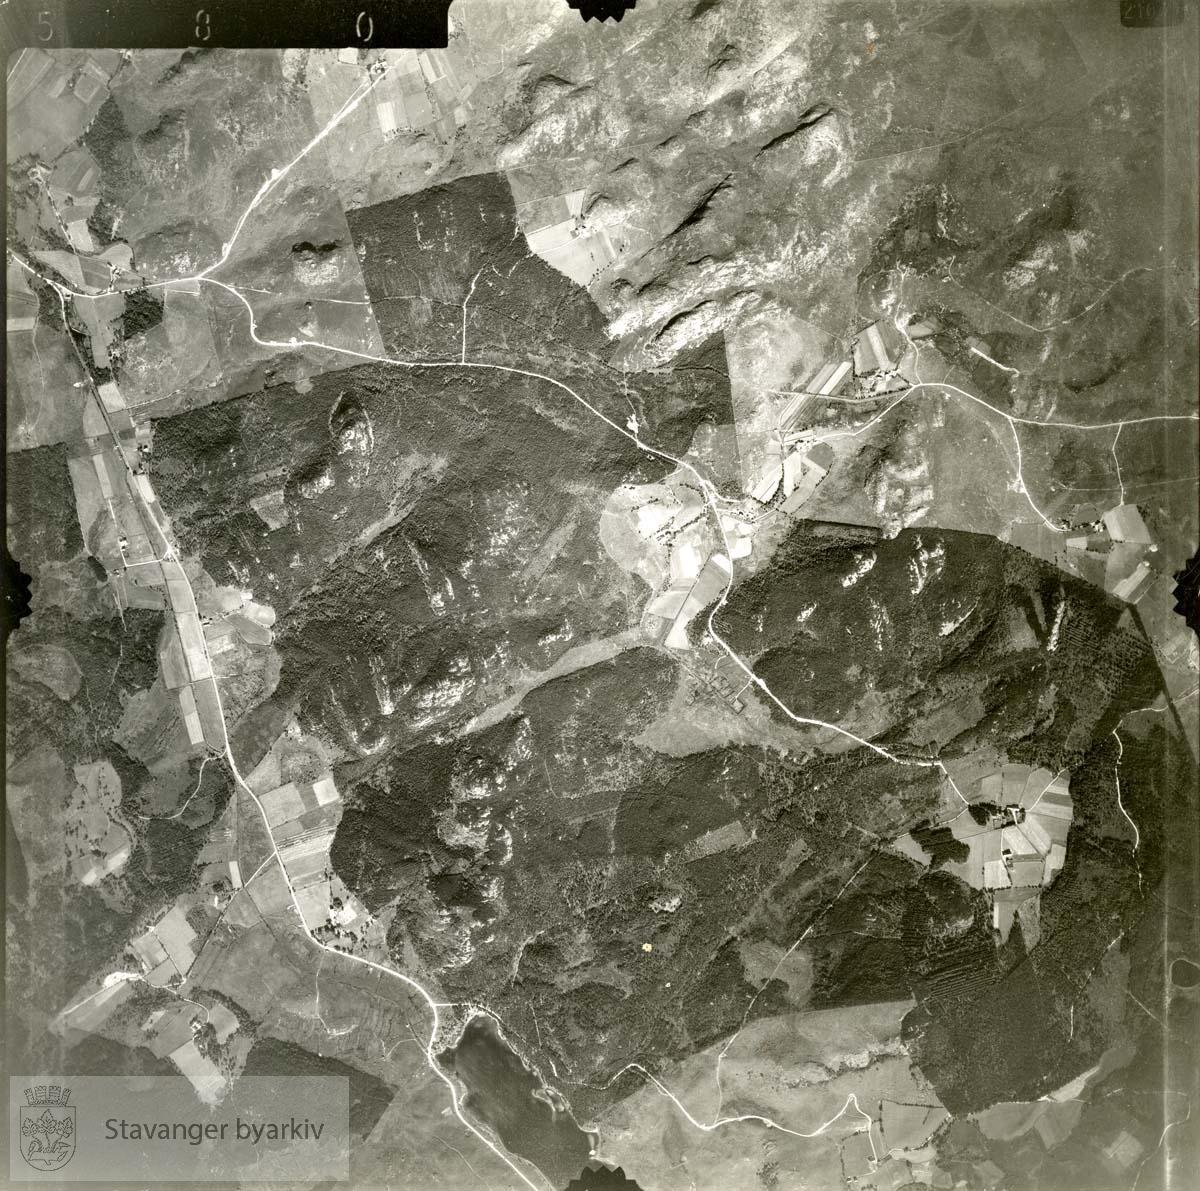 Jfr. kart/fotoplan G10/580..Melshei..Se ByStW_Uca_002 (kan lastes ned under fanen for kart på Stavangerbilder)